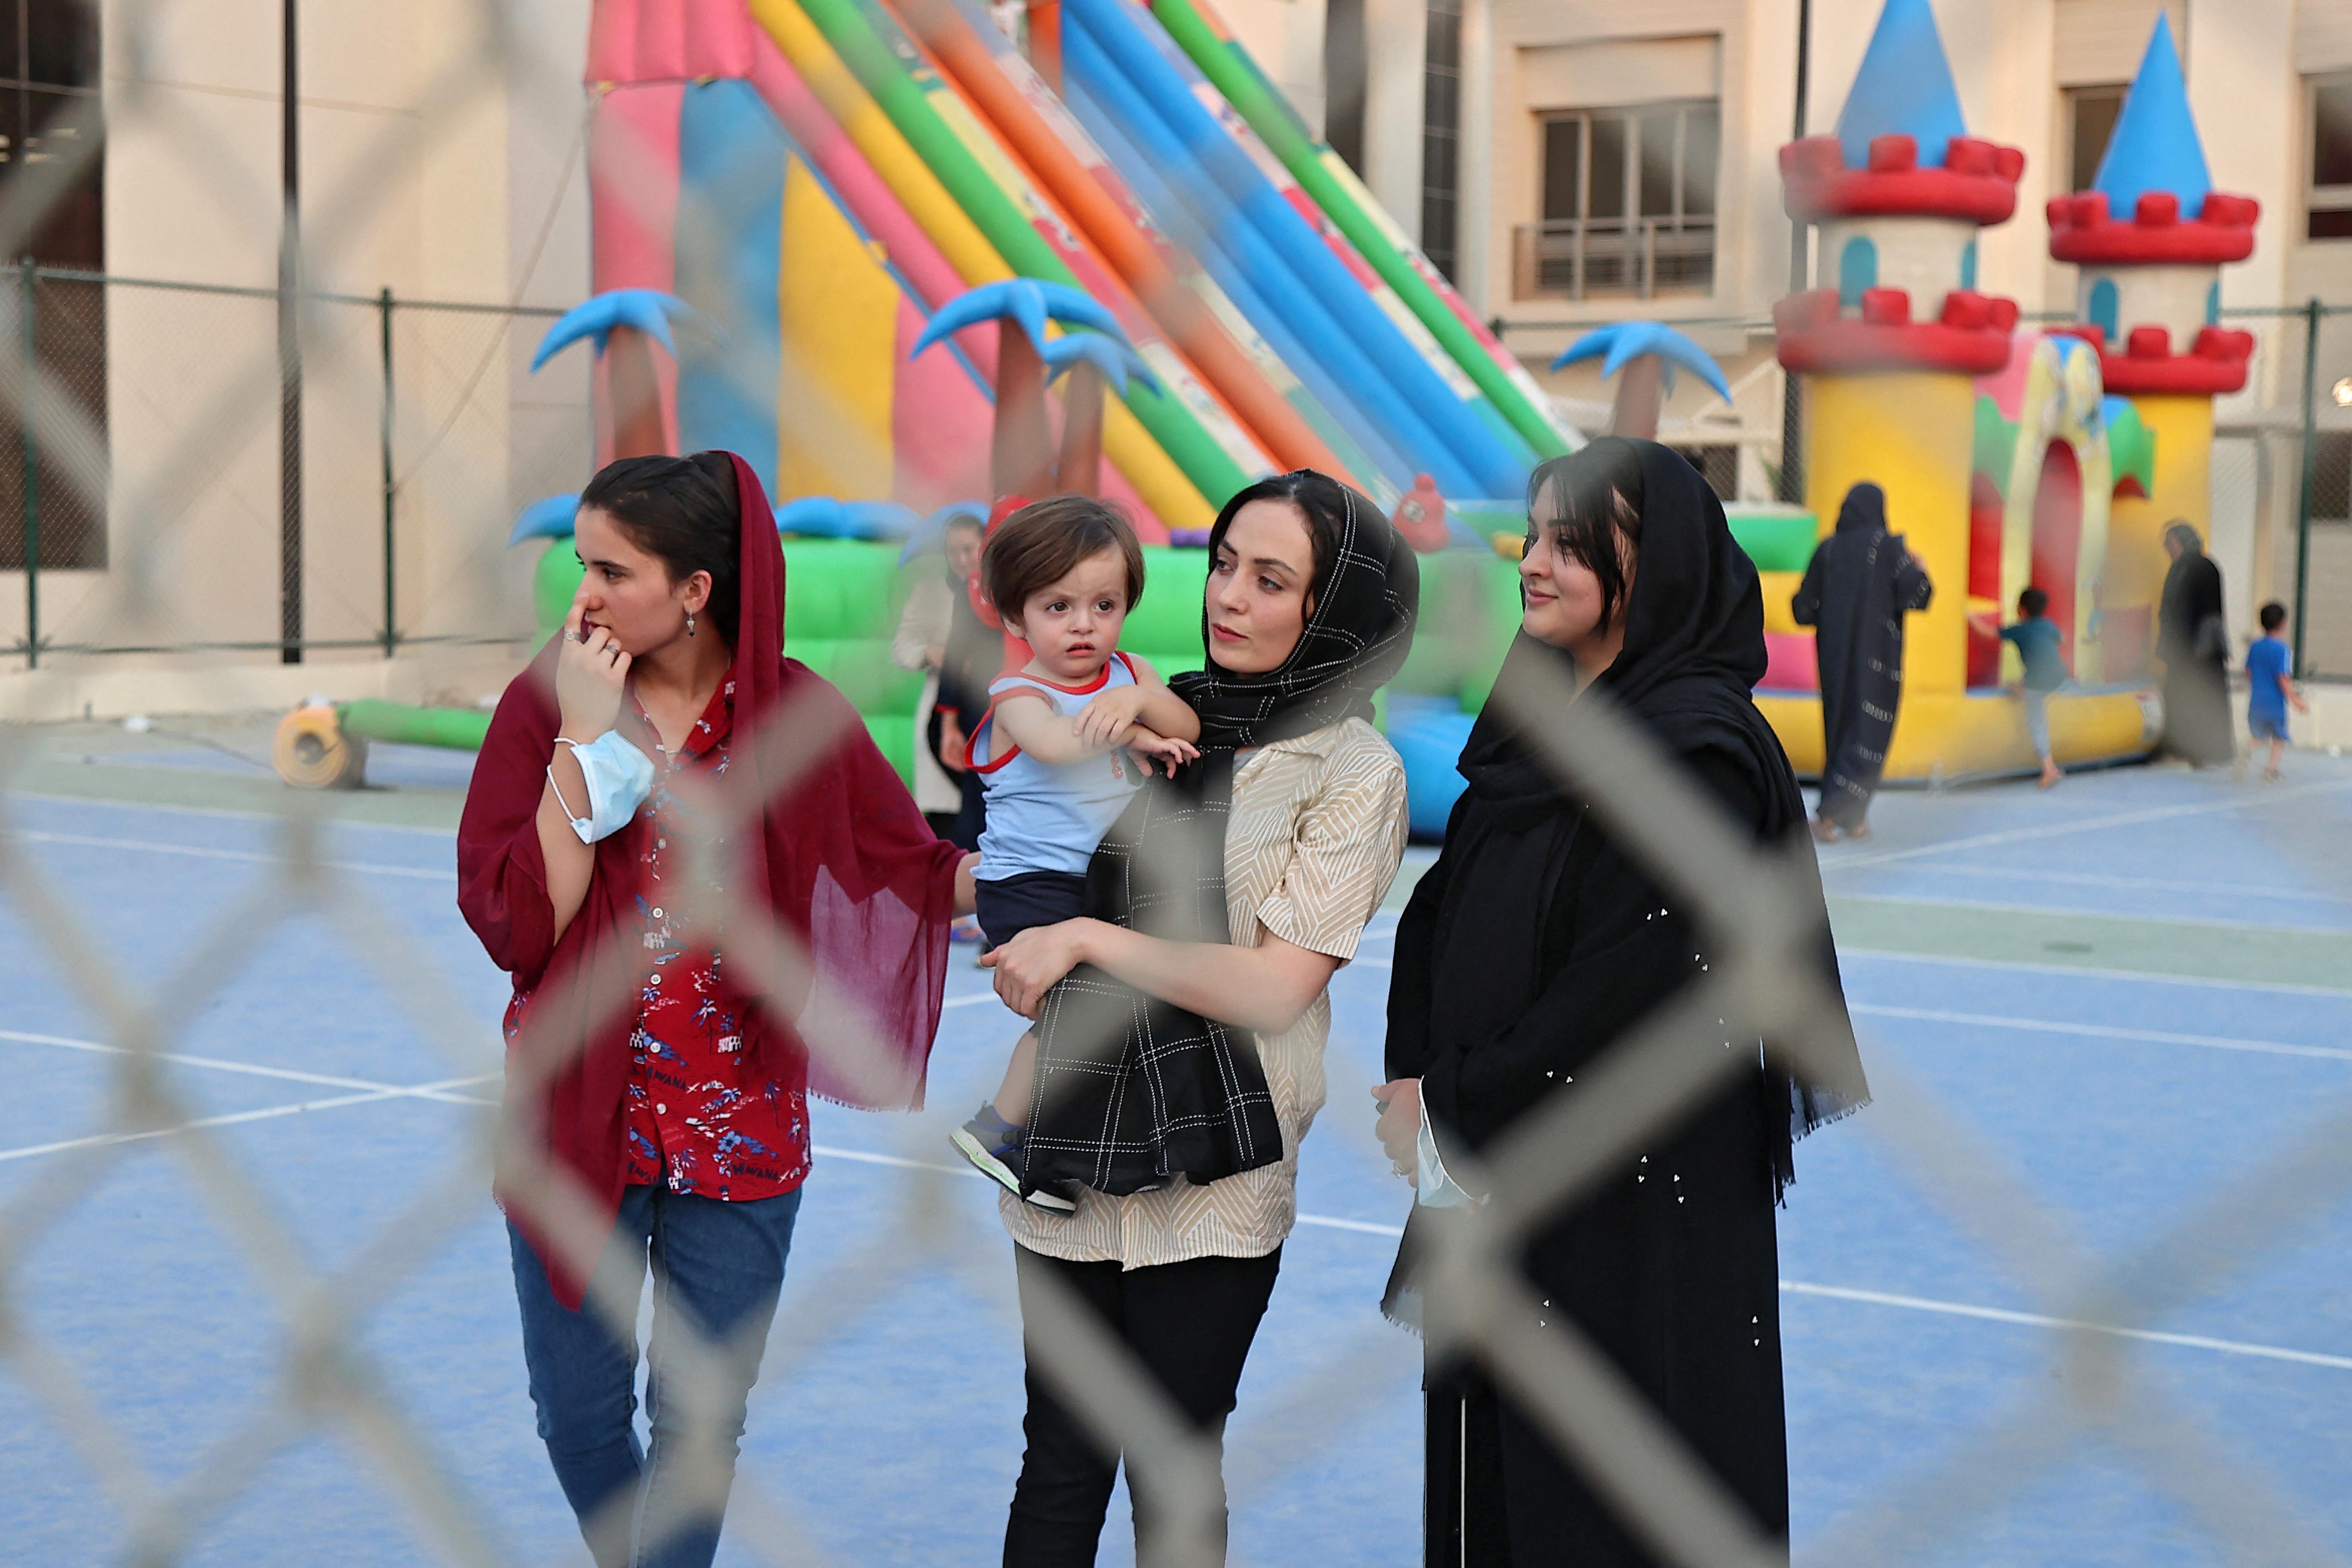 Refugiados afegãos são fotografados no Park View Villas, residência do Catar na Copa do Mundo FIFA de 2022 em Doha em 4 de setembro de 2021 [Karim Jaafar/AFP]